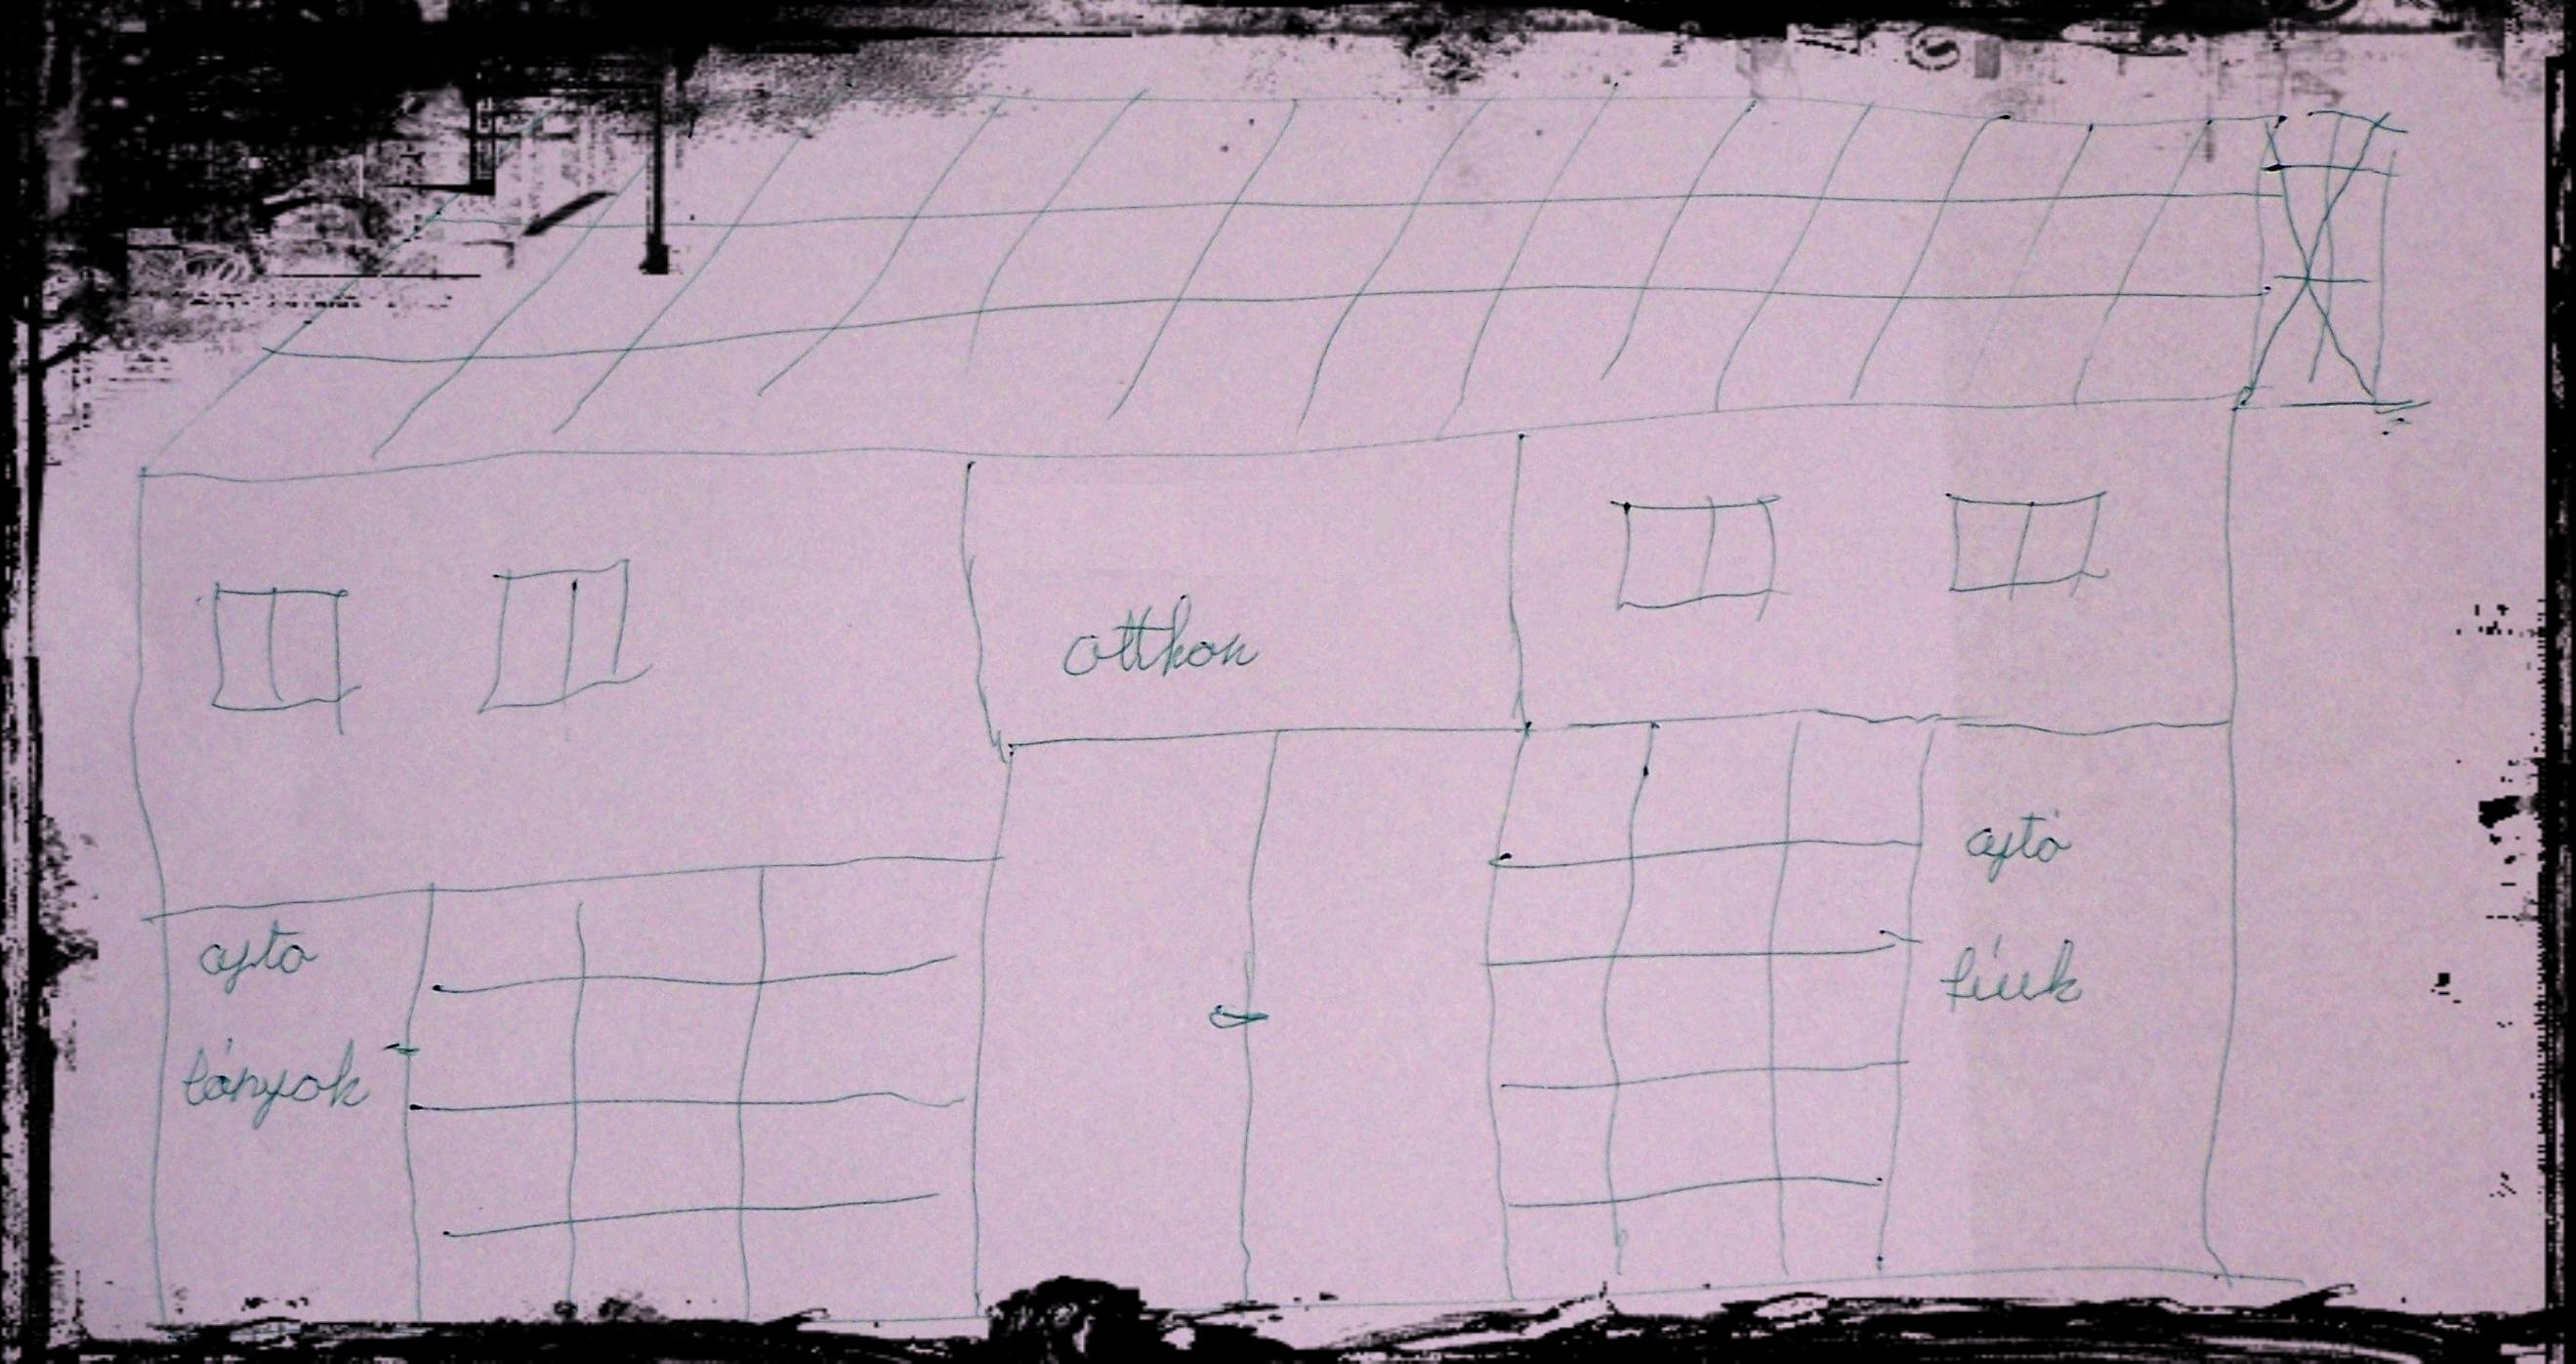 otthon_rajzolat.jpg